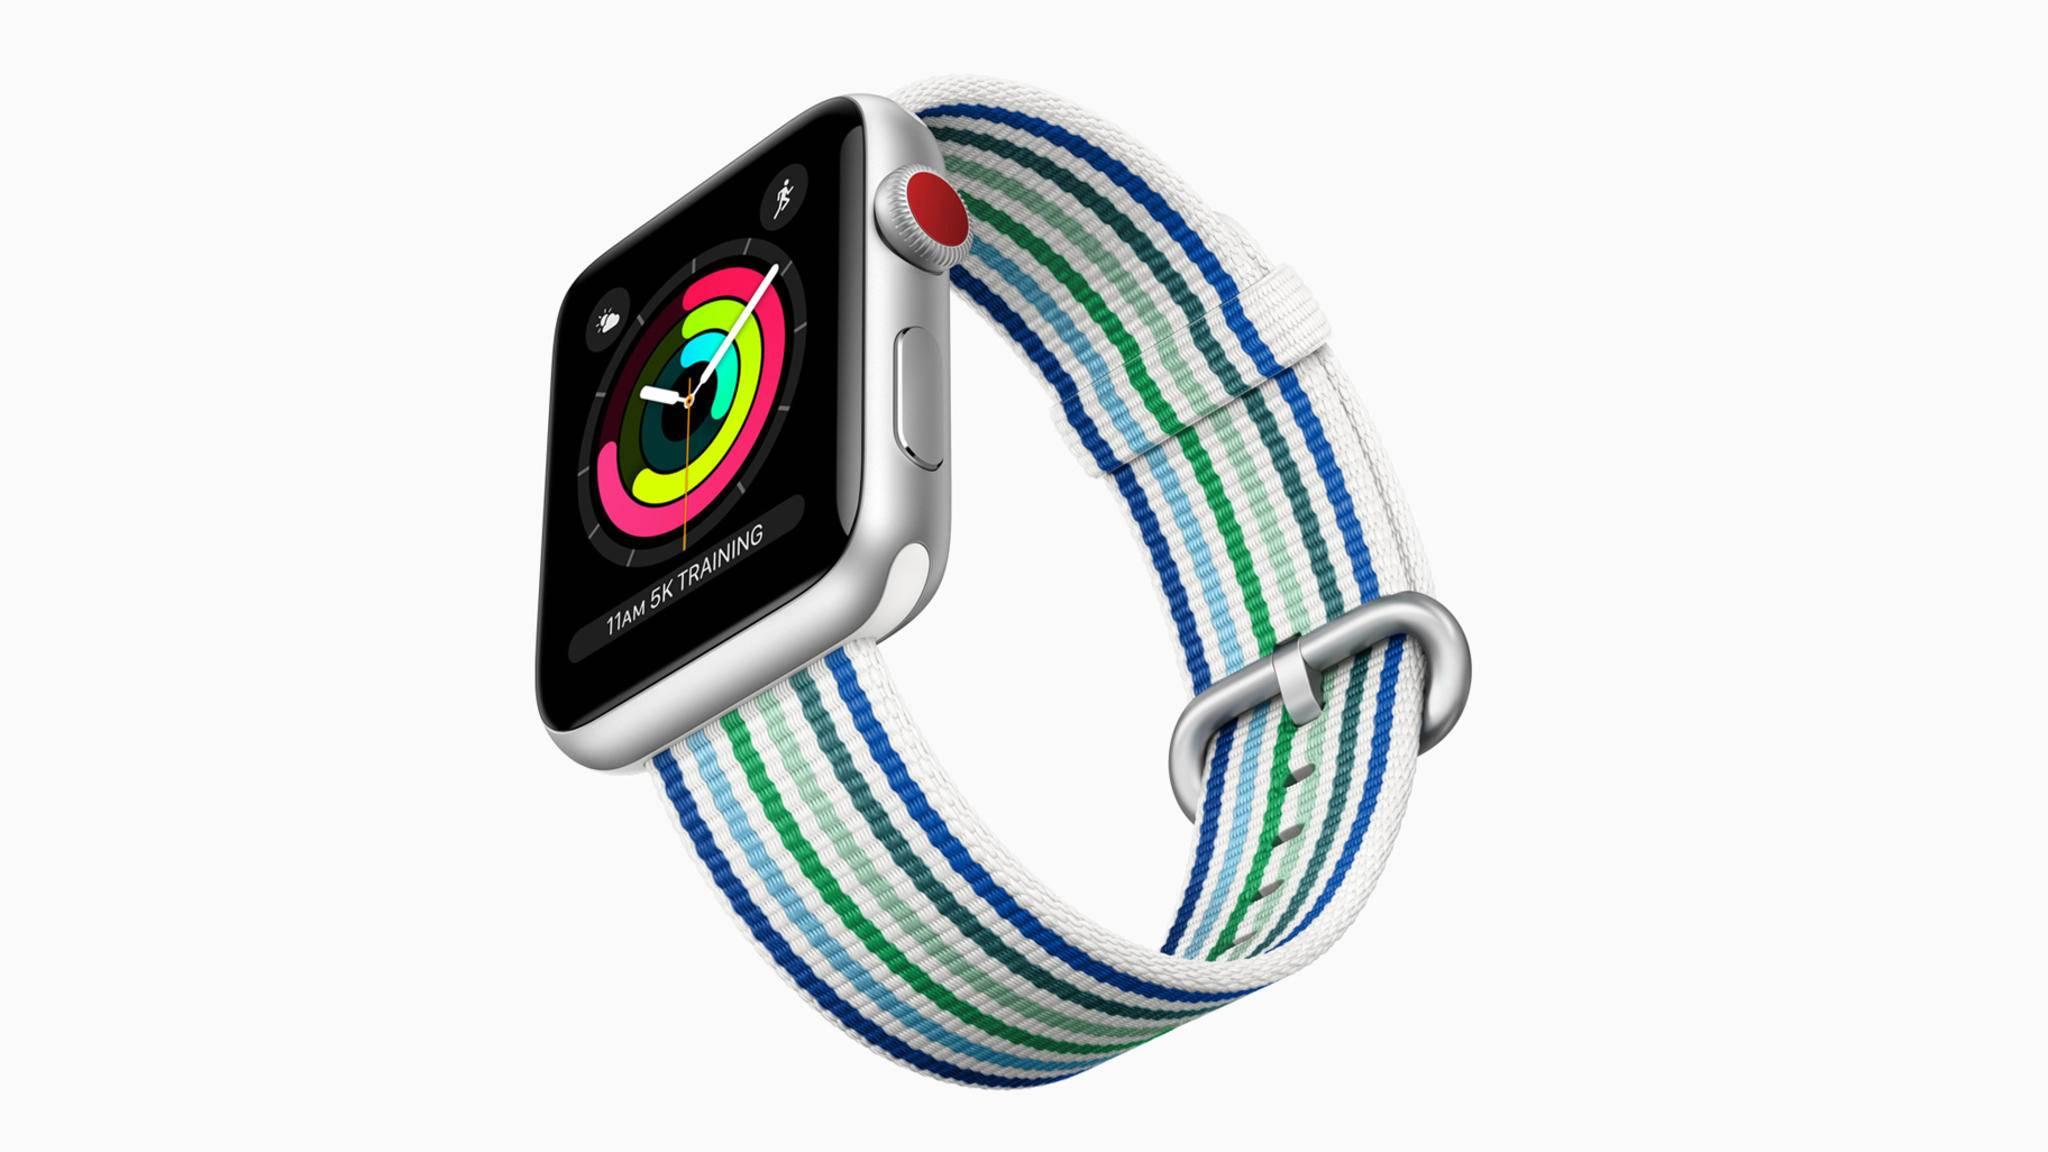 Die Apple Watch und andere Smartwatches sollen künftig beim frühzeitigen Erkennen von Herzrhythmusstörungen helfen.